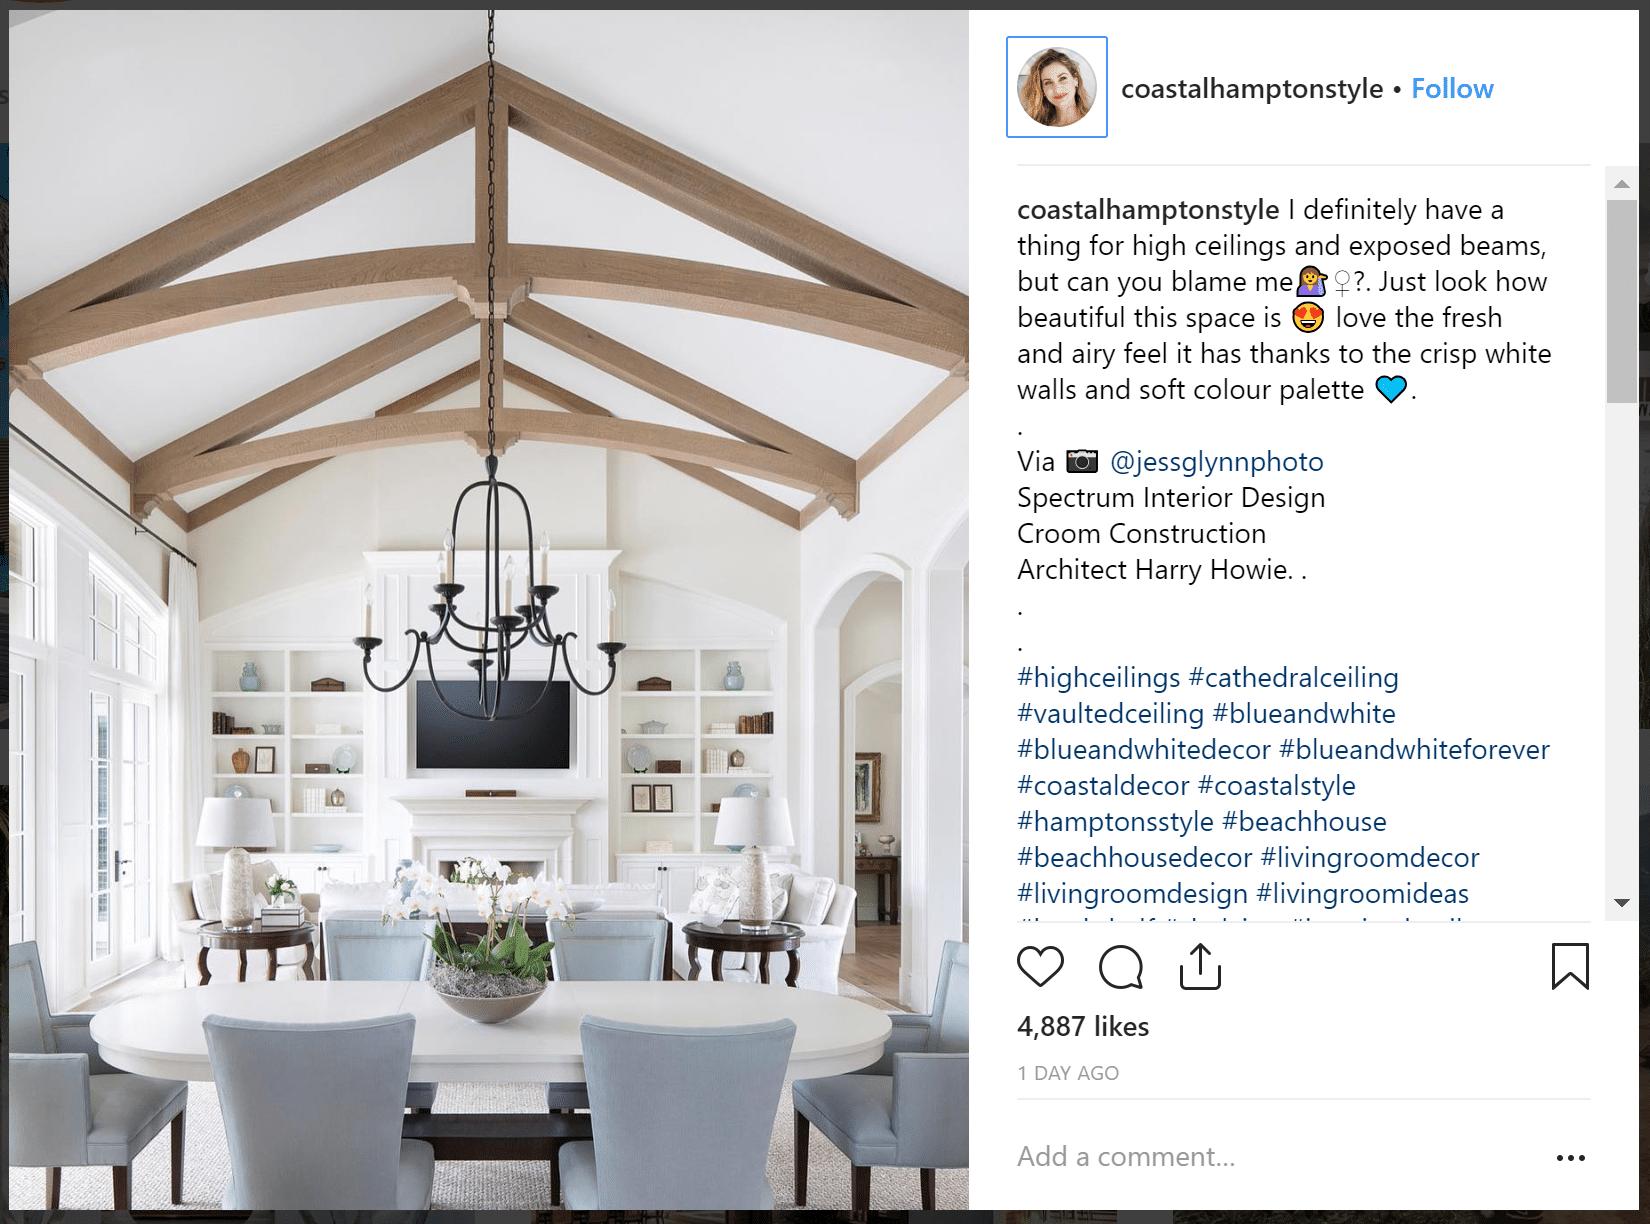 niche design hashtags